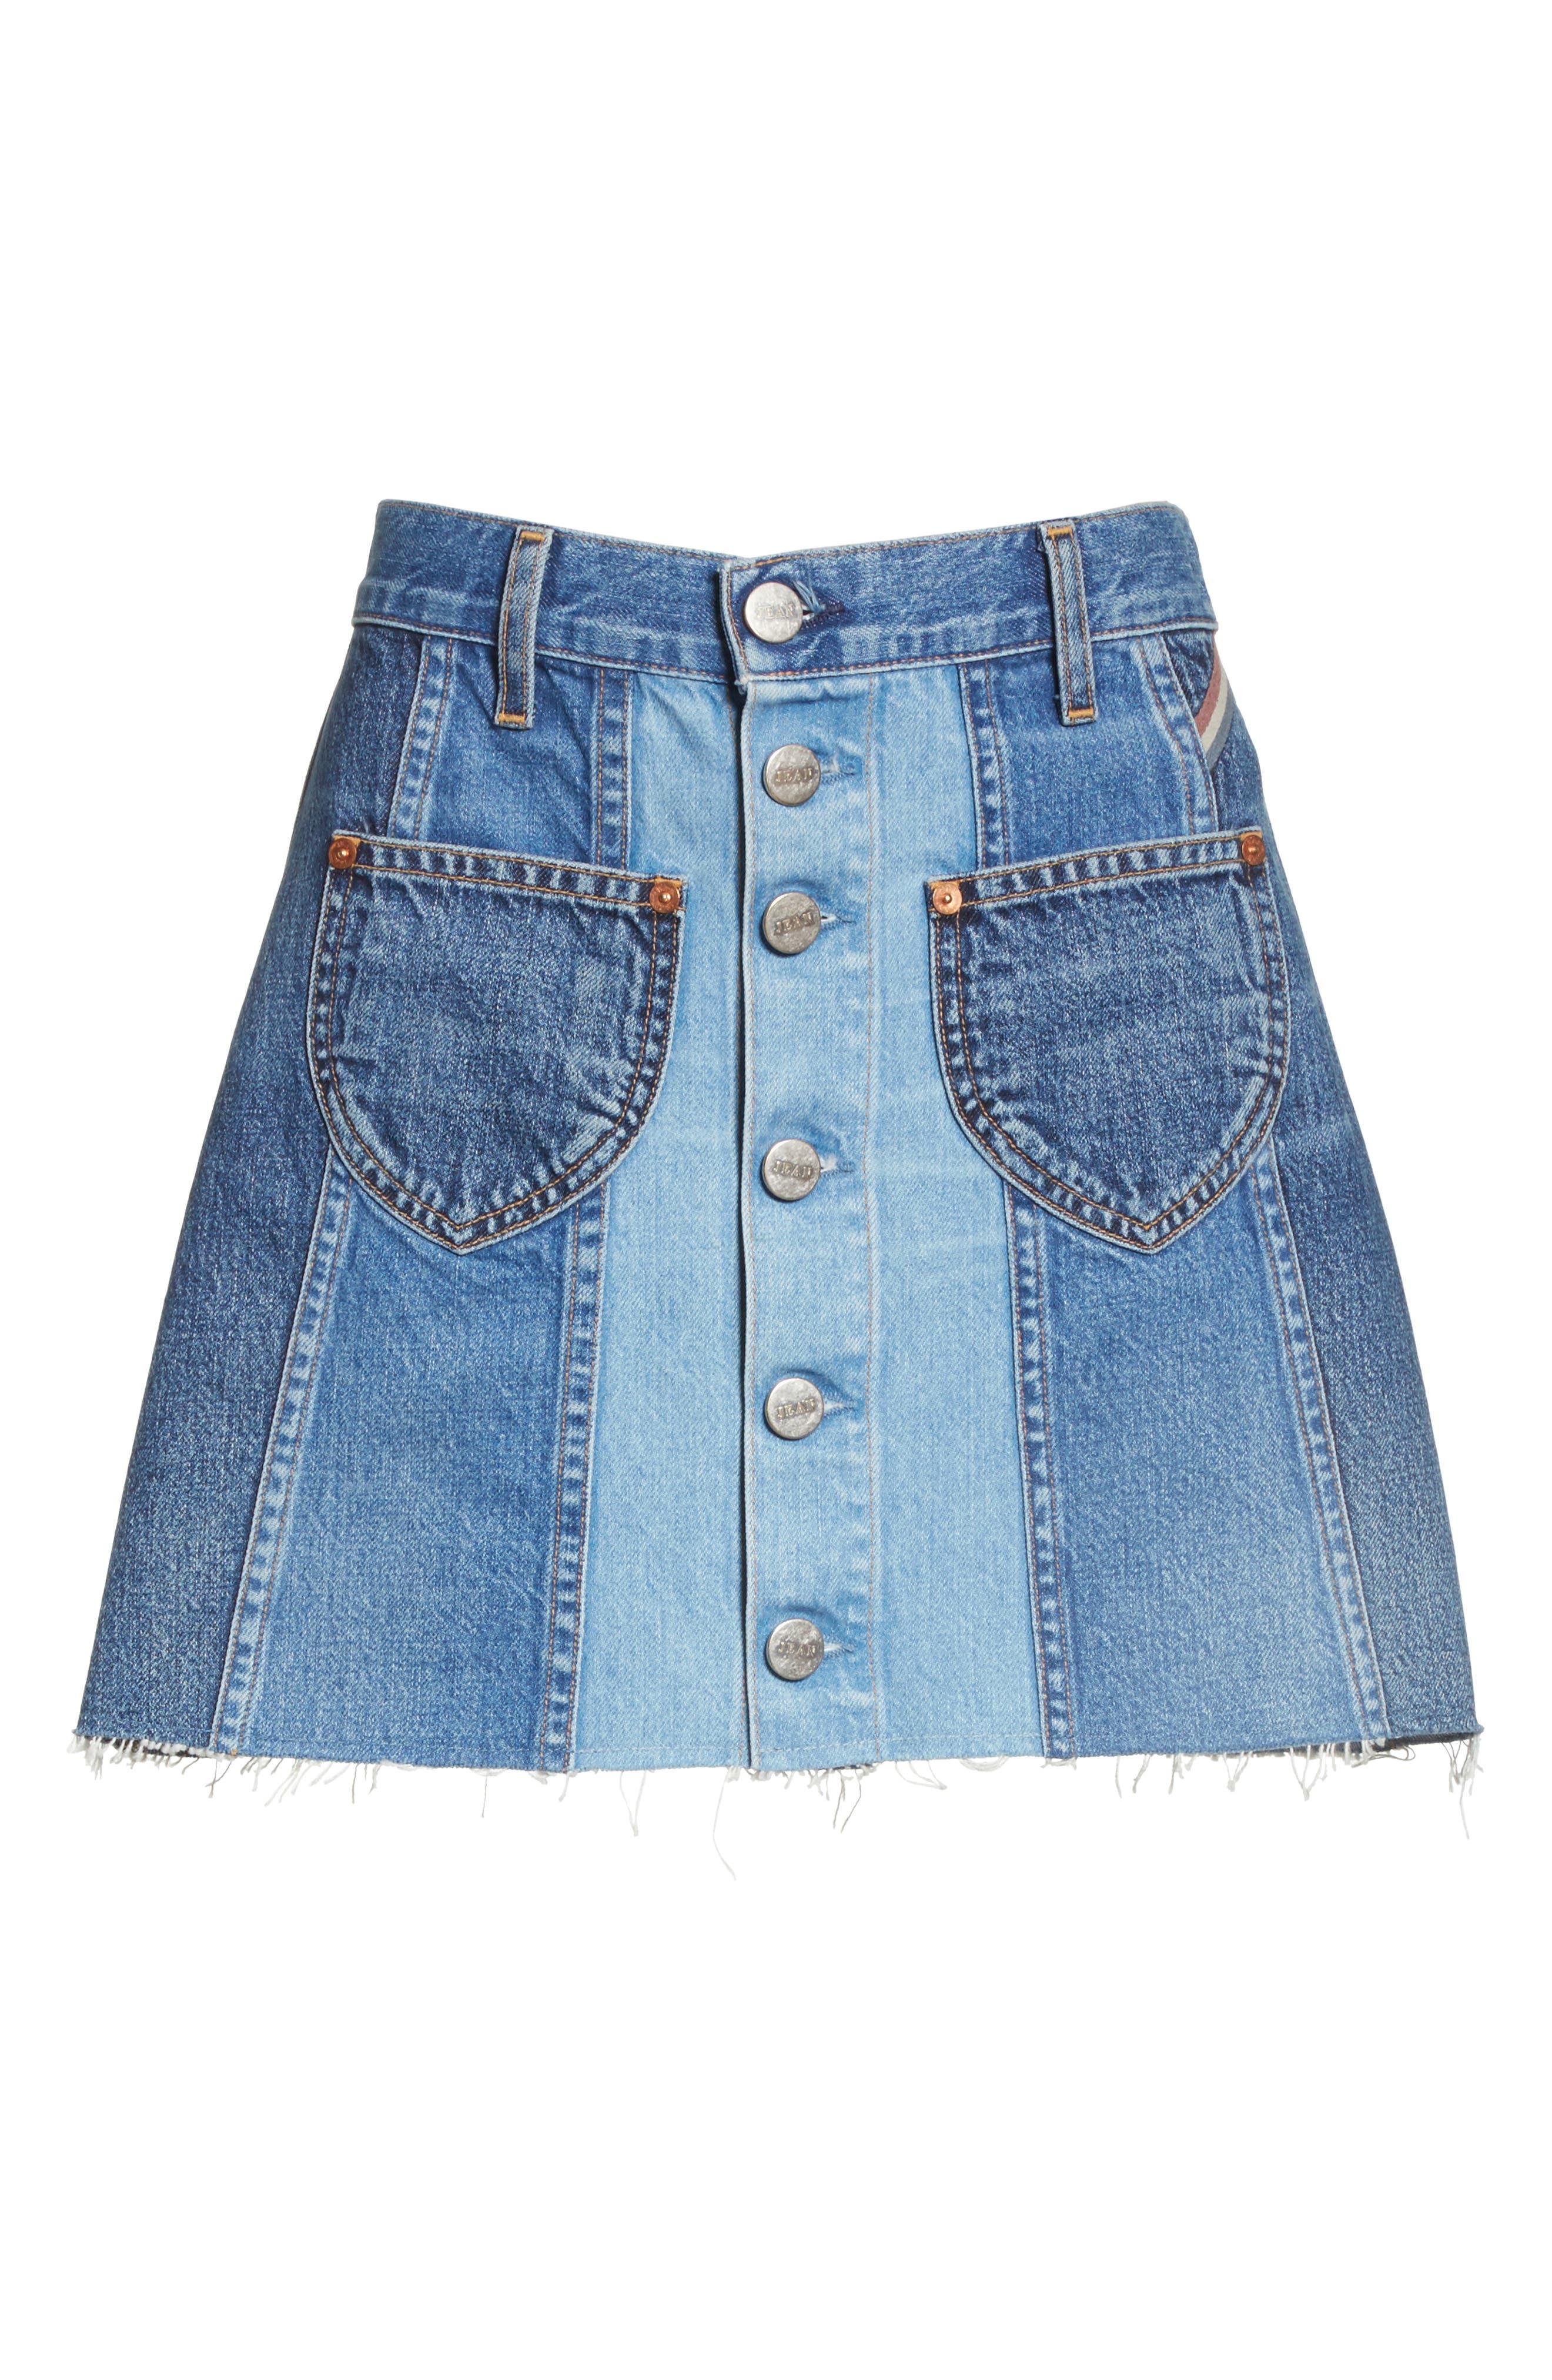 Eloise High Rise Denim Miniskirt,                             Alternate thumbnail 6, color,                             424